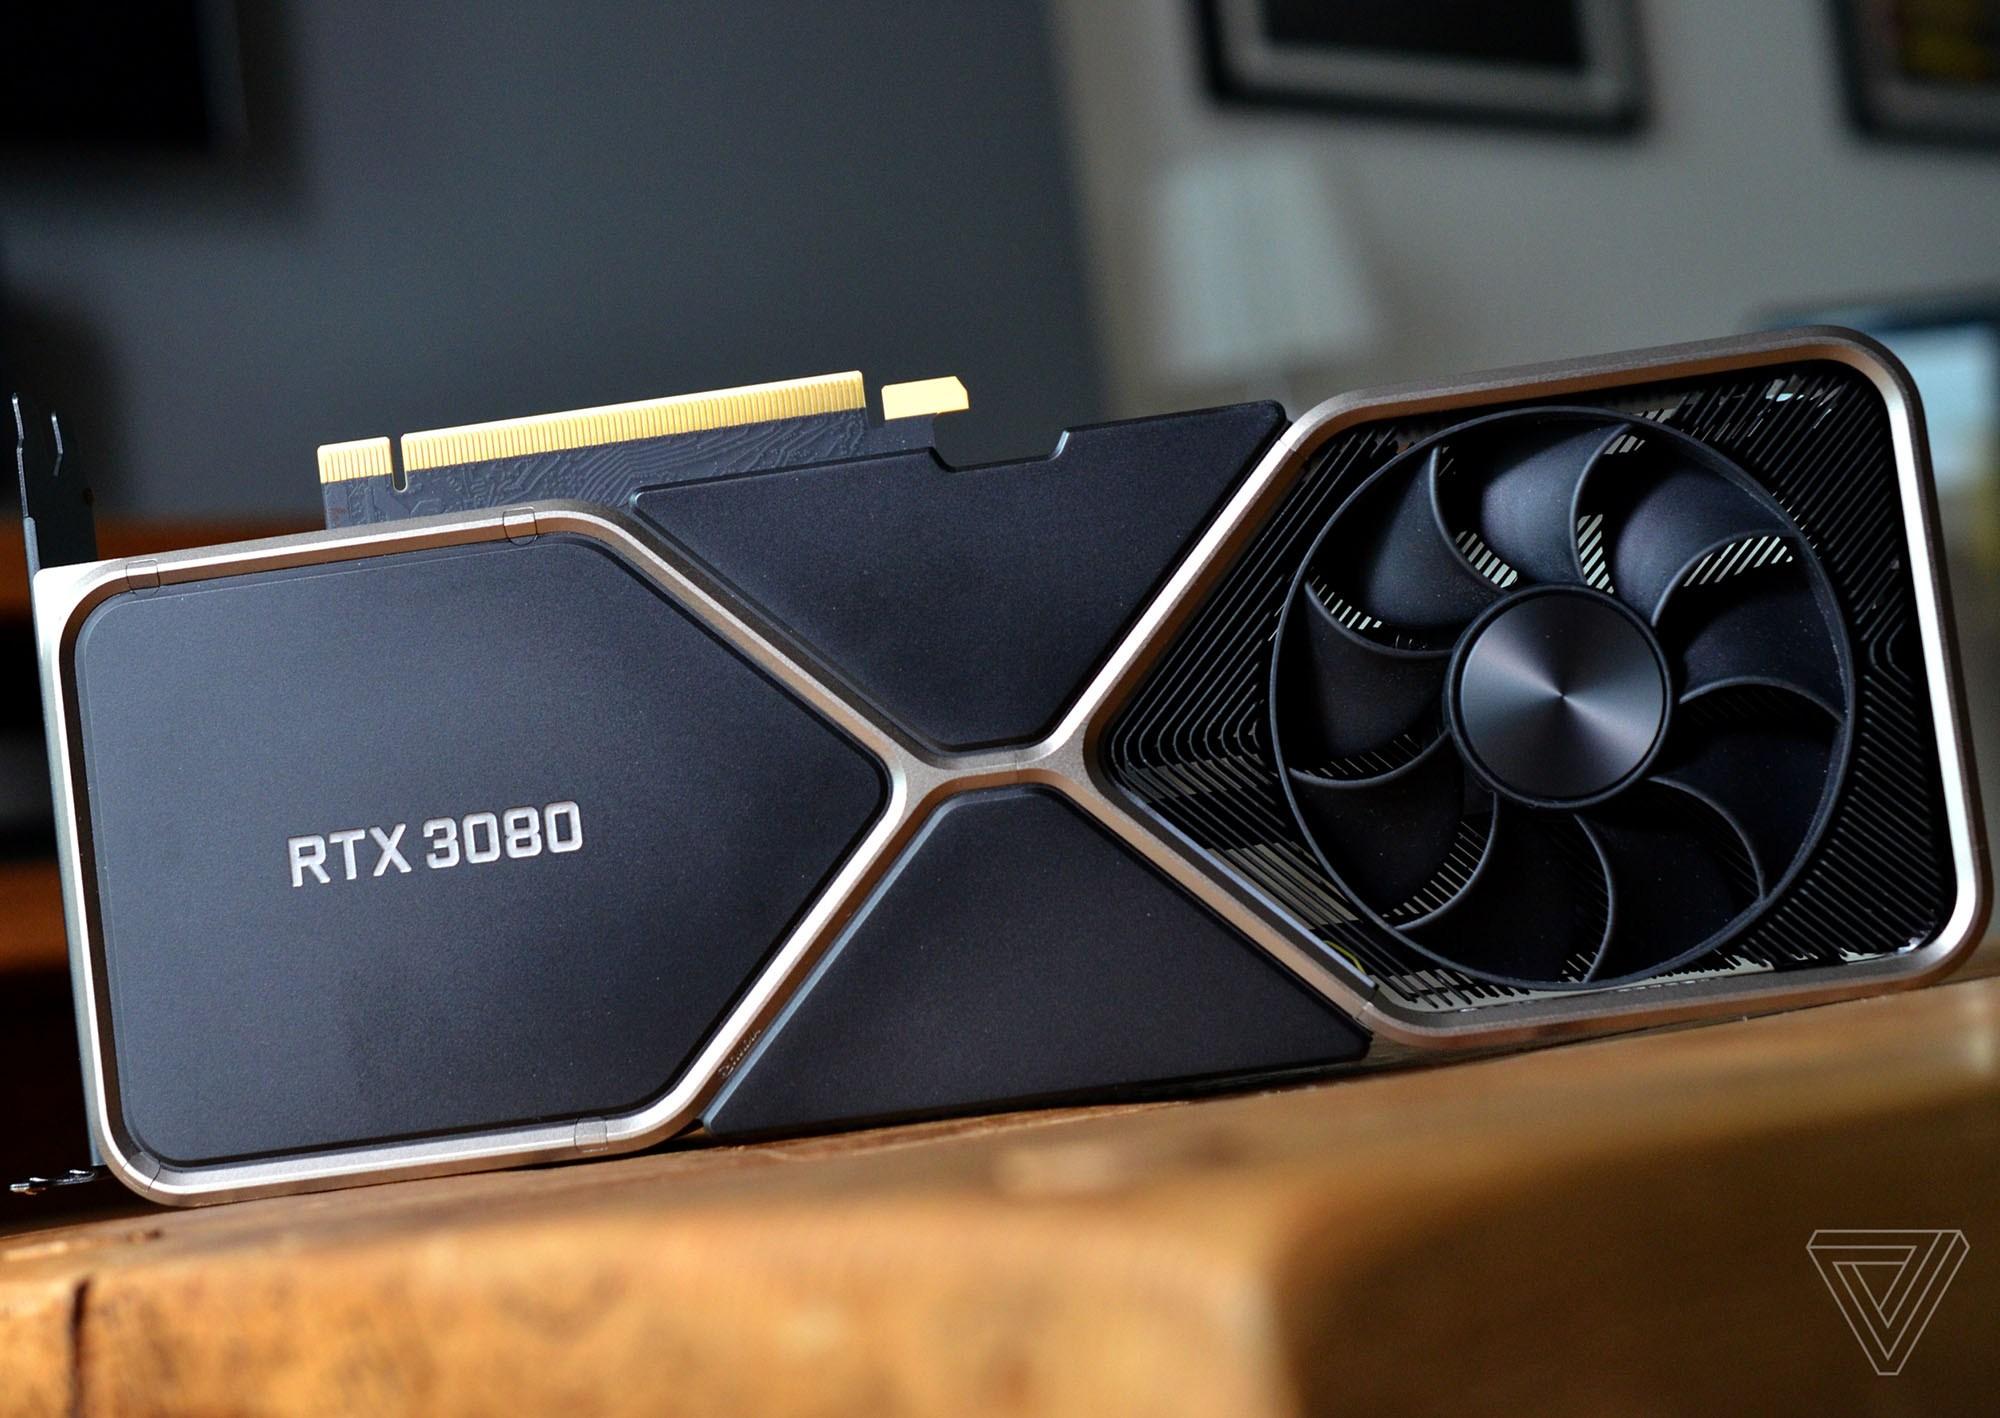 【產業趨勢】RTX 3080/3090 顯卡缺貨到年底,輝達概念股 Q4 動能強!